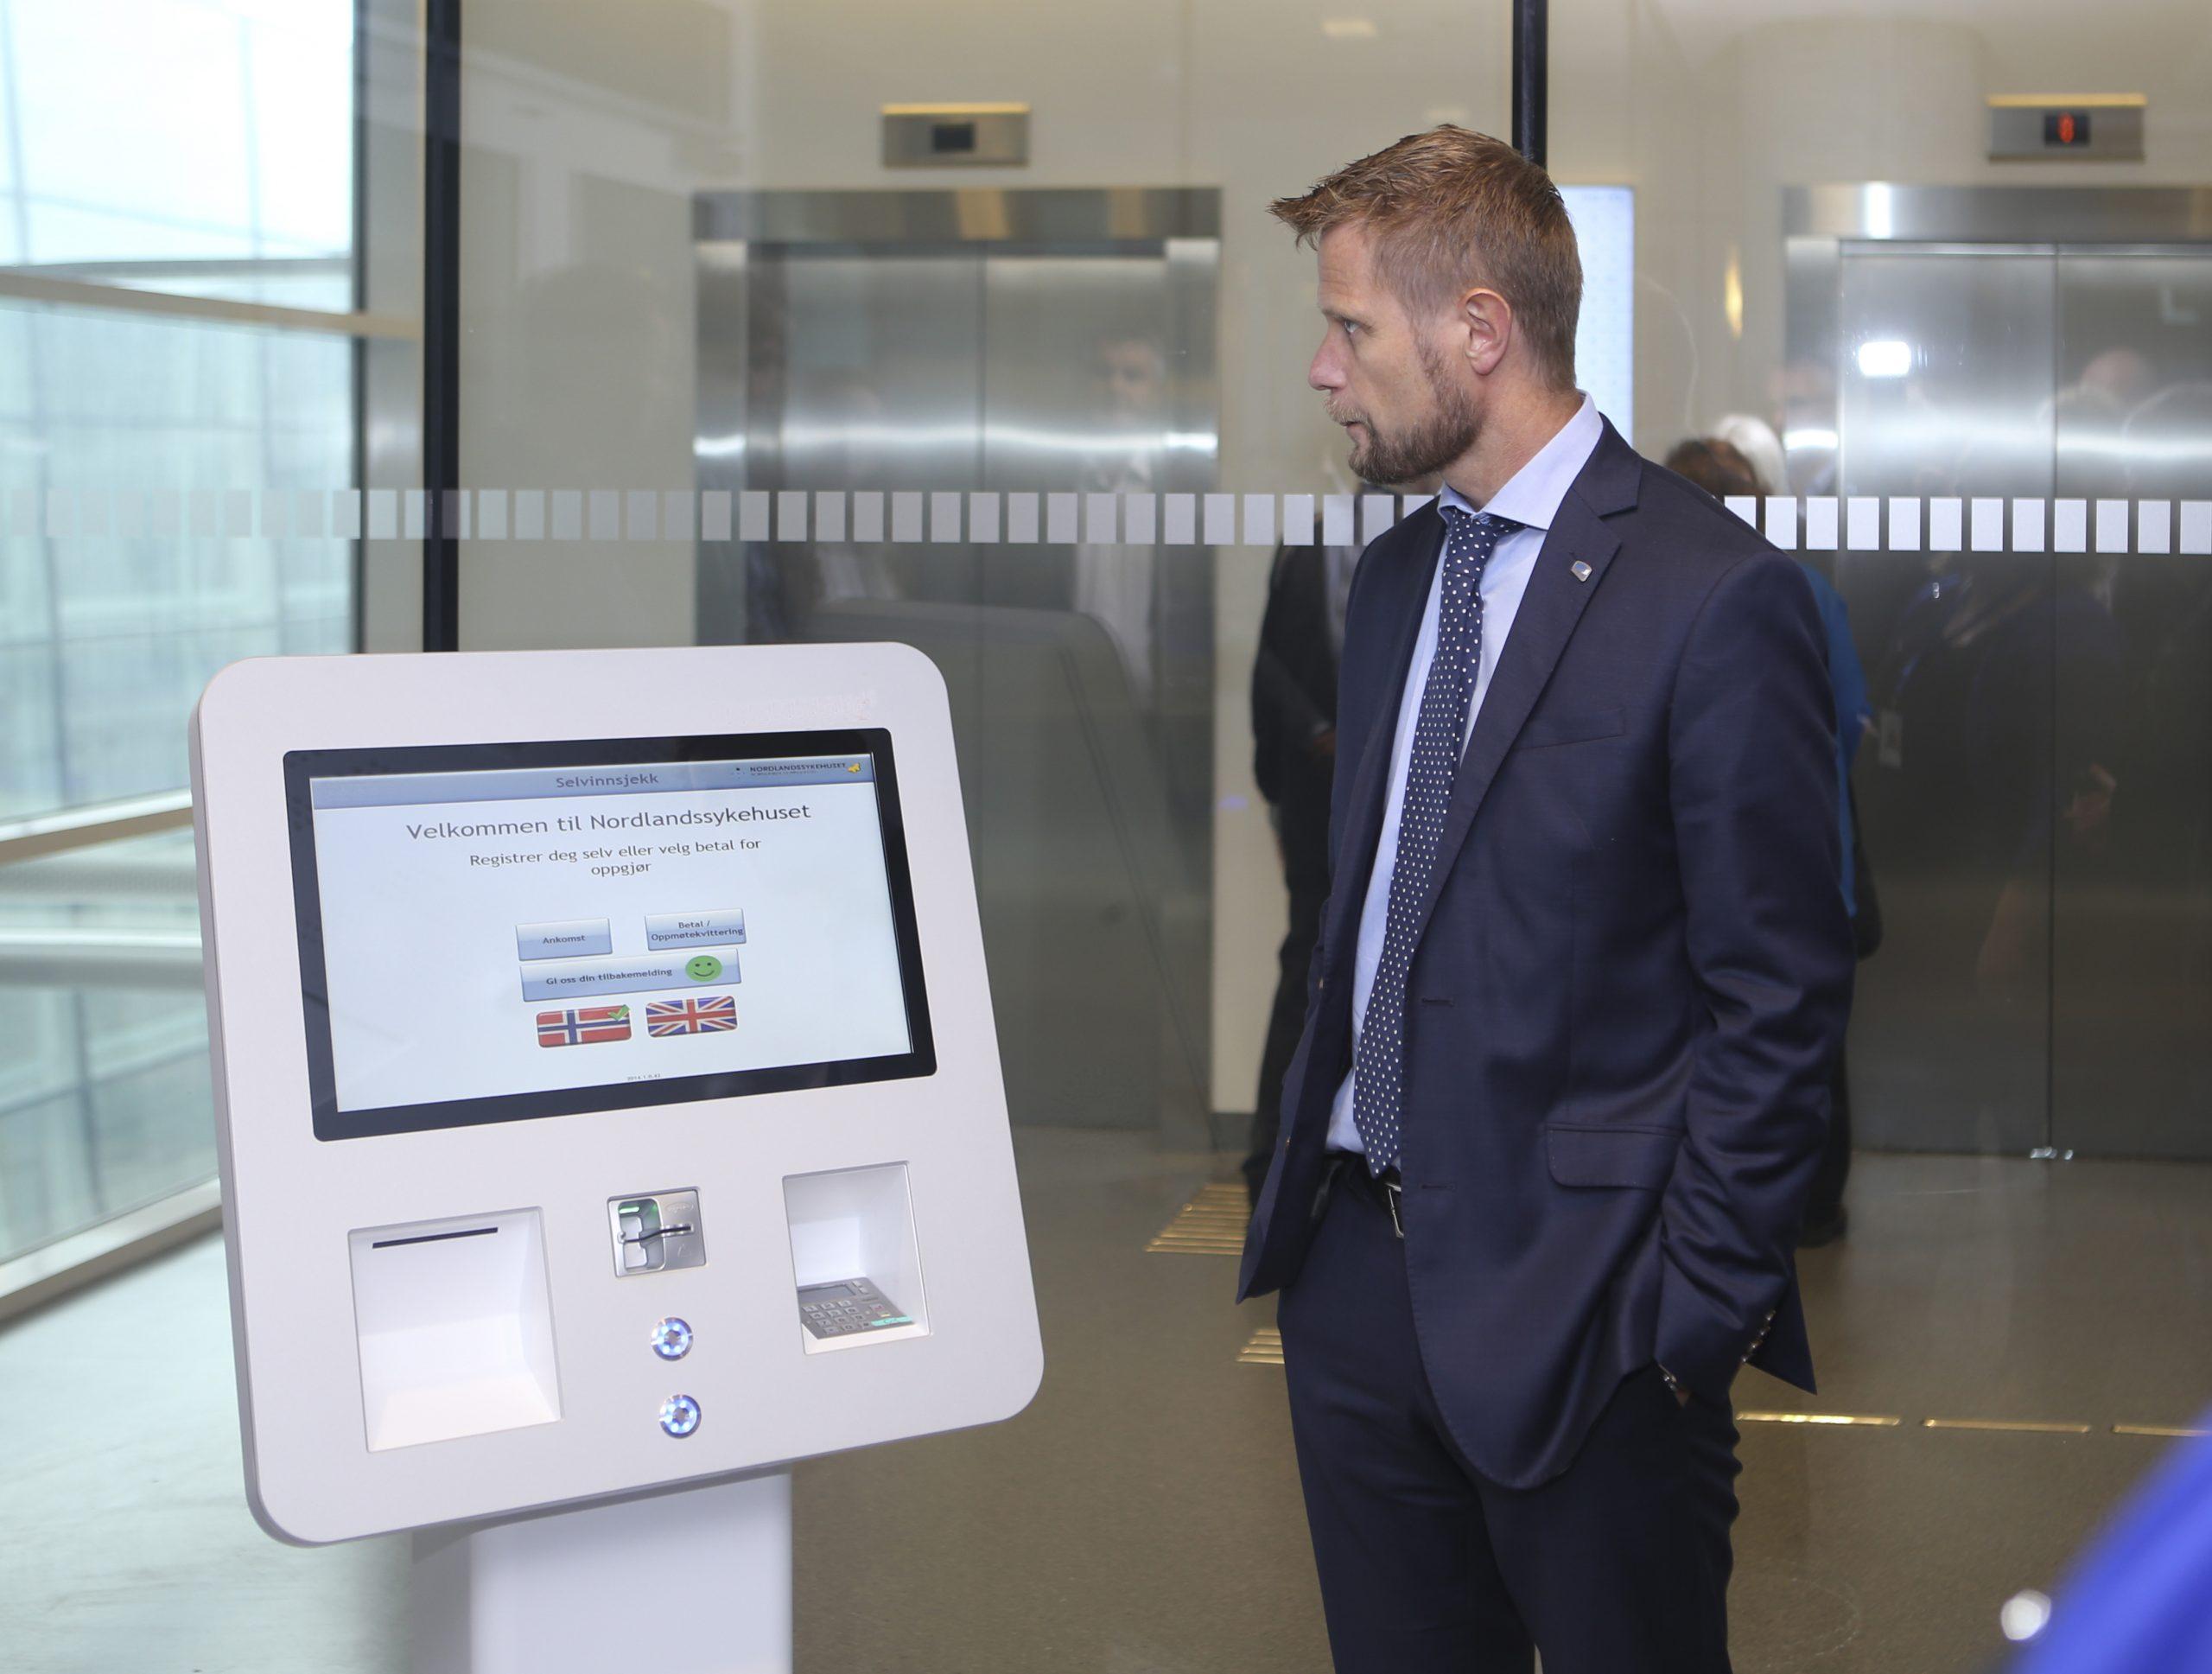 Procon PasientKiosker (PPK) og helseminister Bent Høie ved åpningen av Nordlandssykehusets nye ankomst- og betalingsløsning i Bodø i 2016.